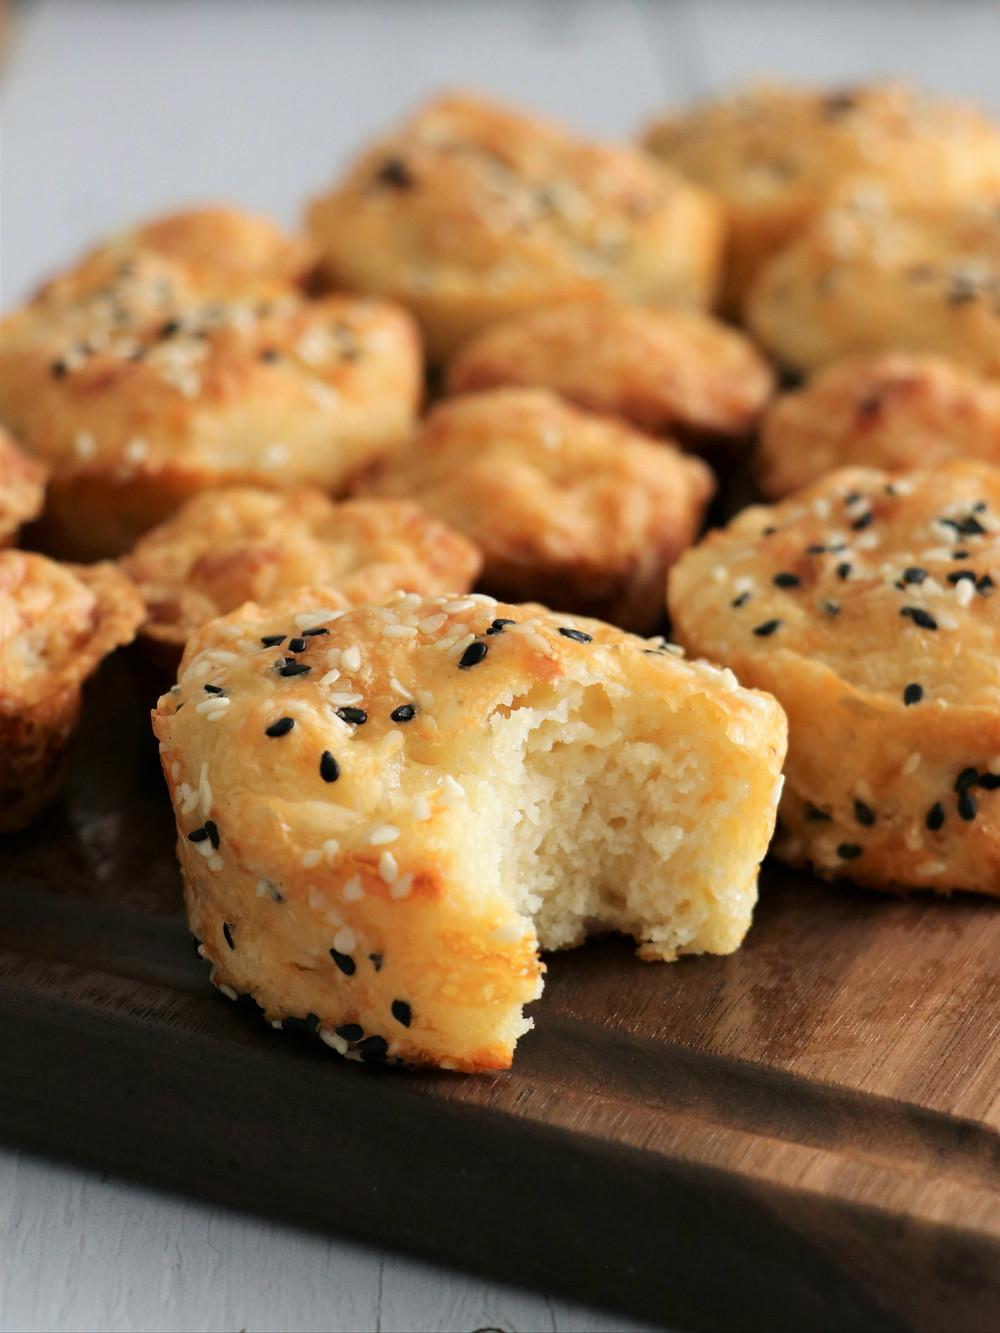 בואיקוס - לחמניות גבינה שמכינים בצ'יק.